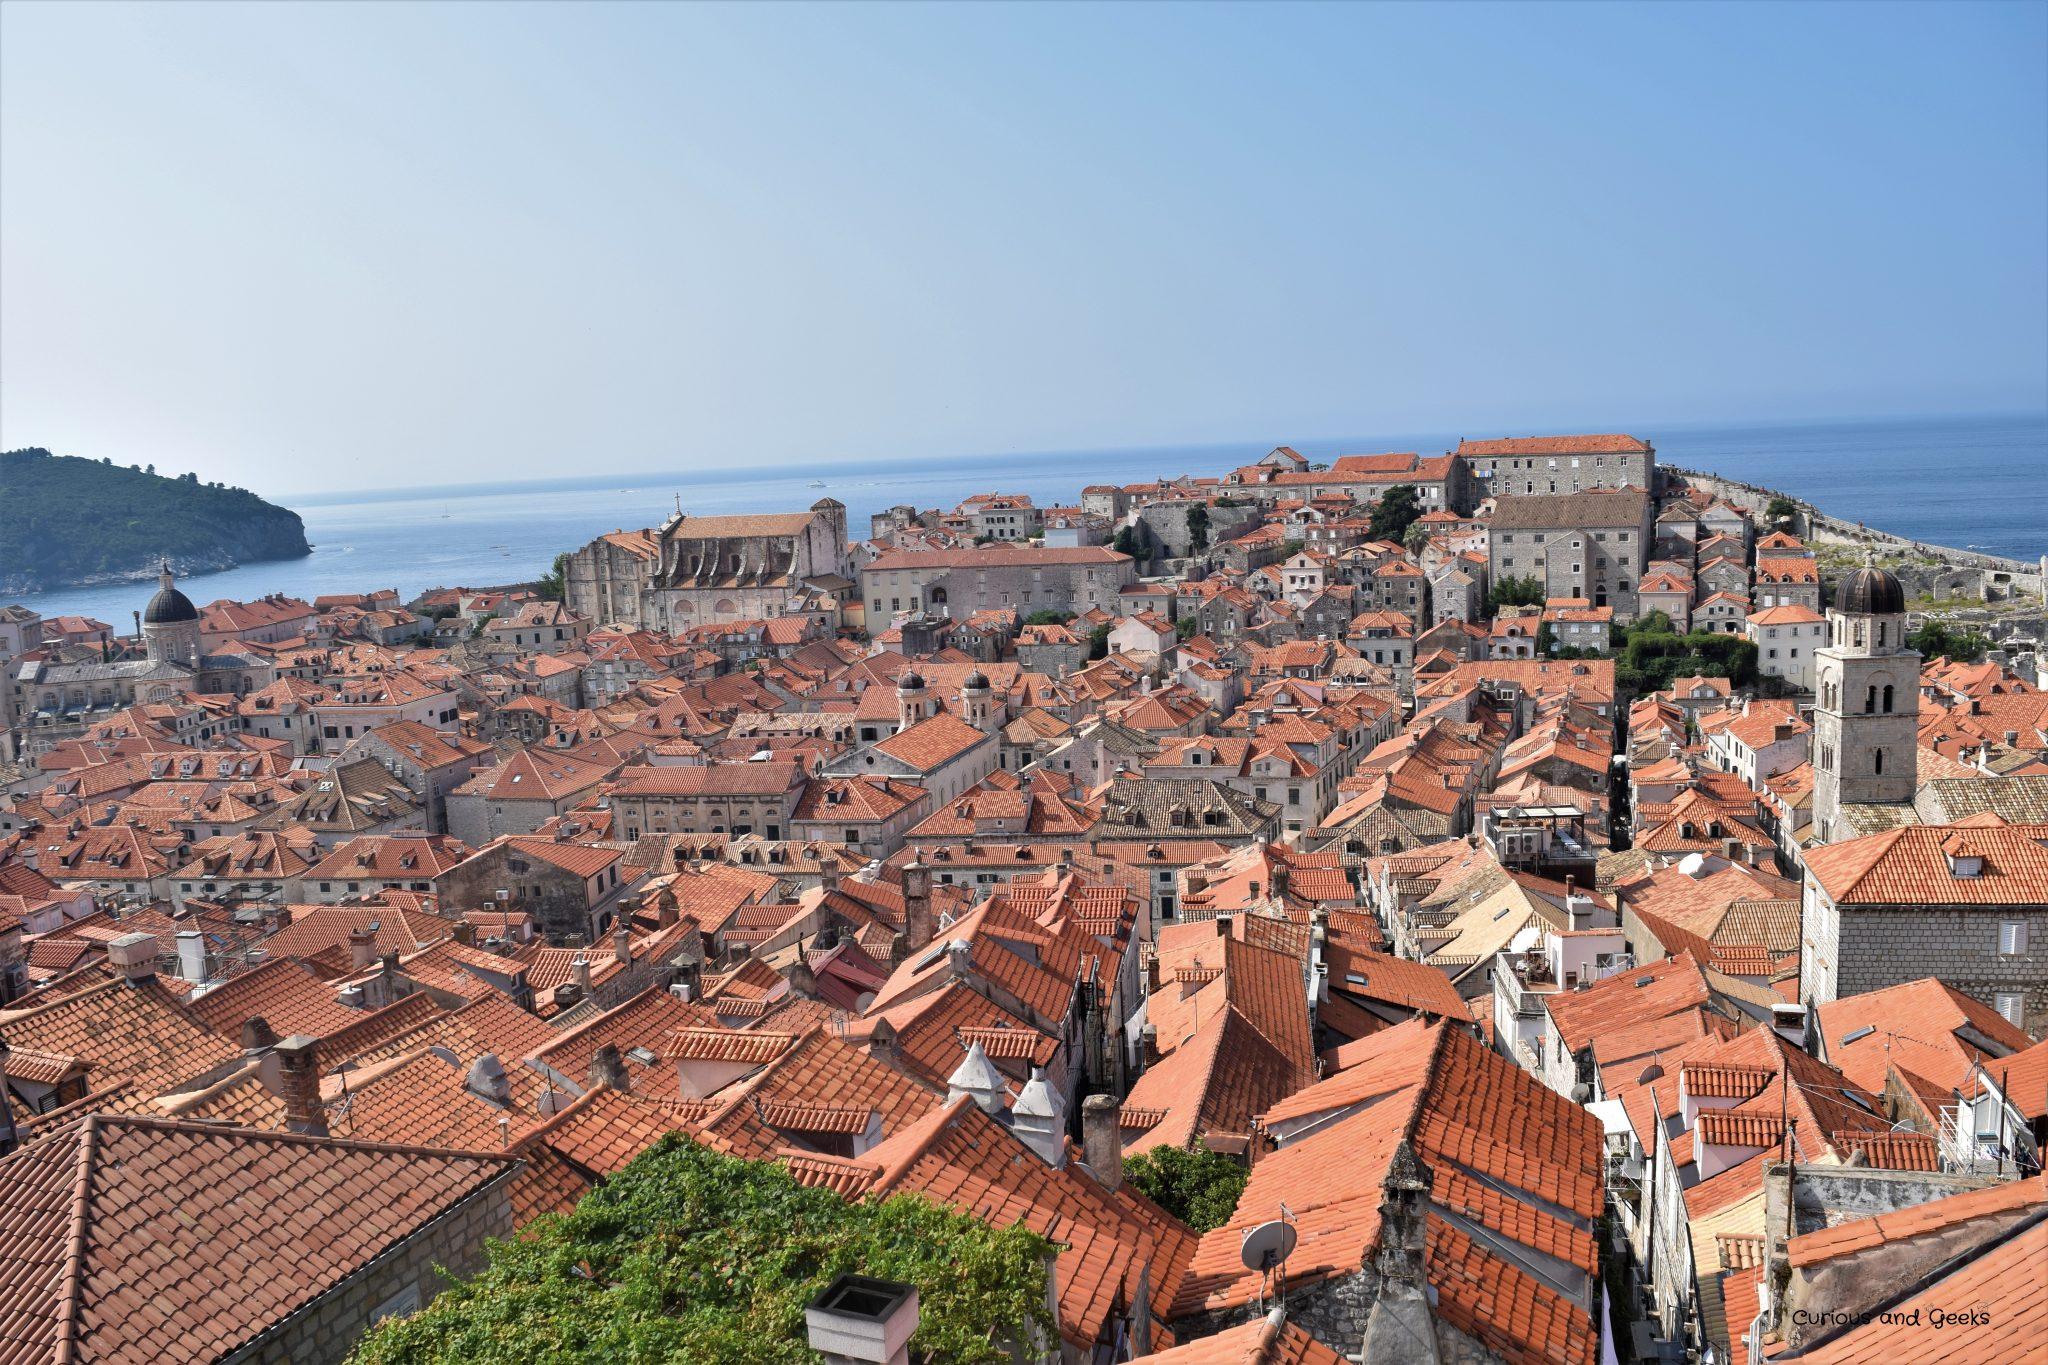 10. Kings landing - Game of Thrones filming locations in Dubrovnik